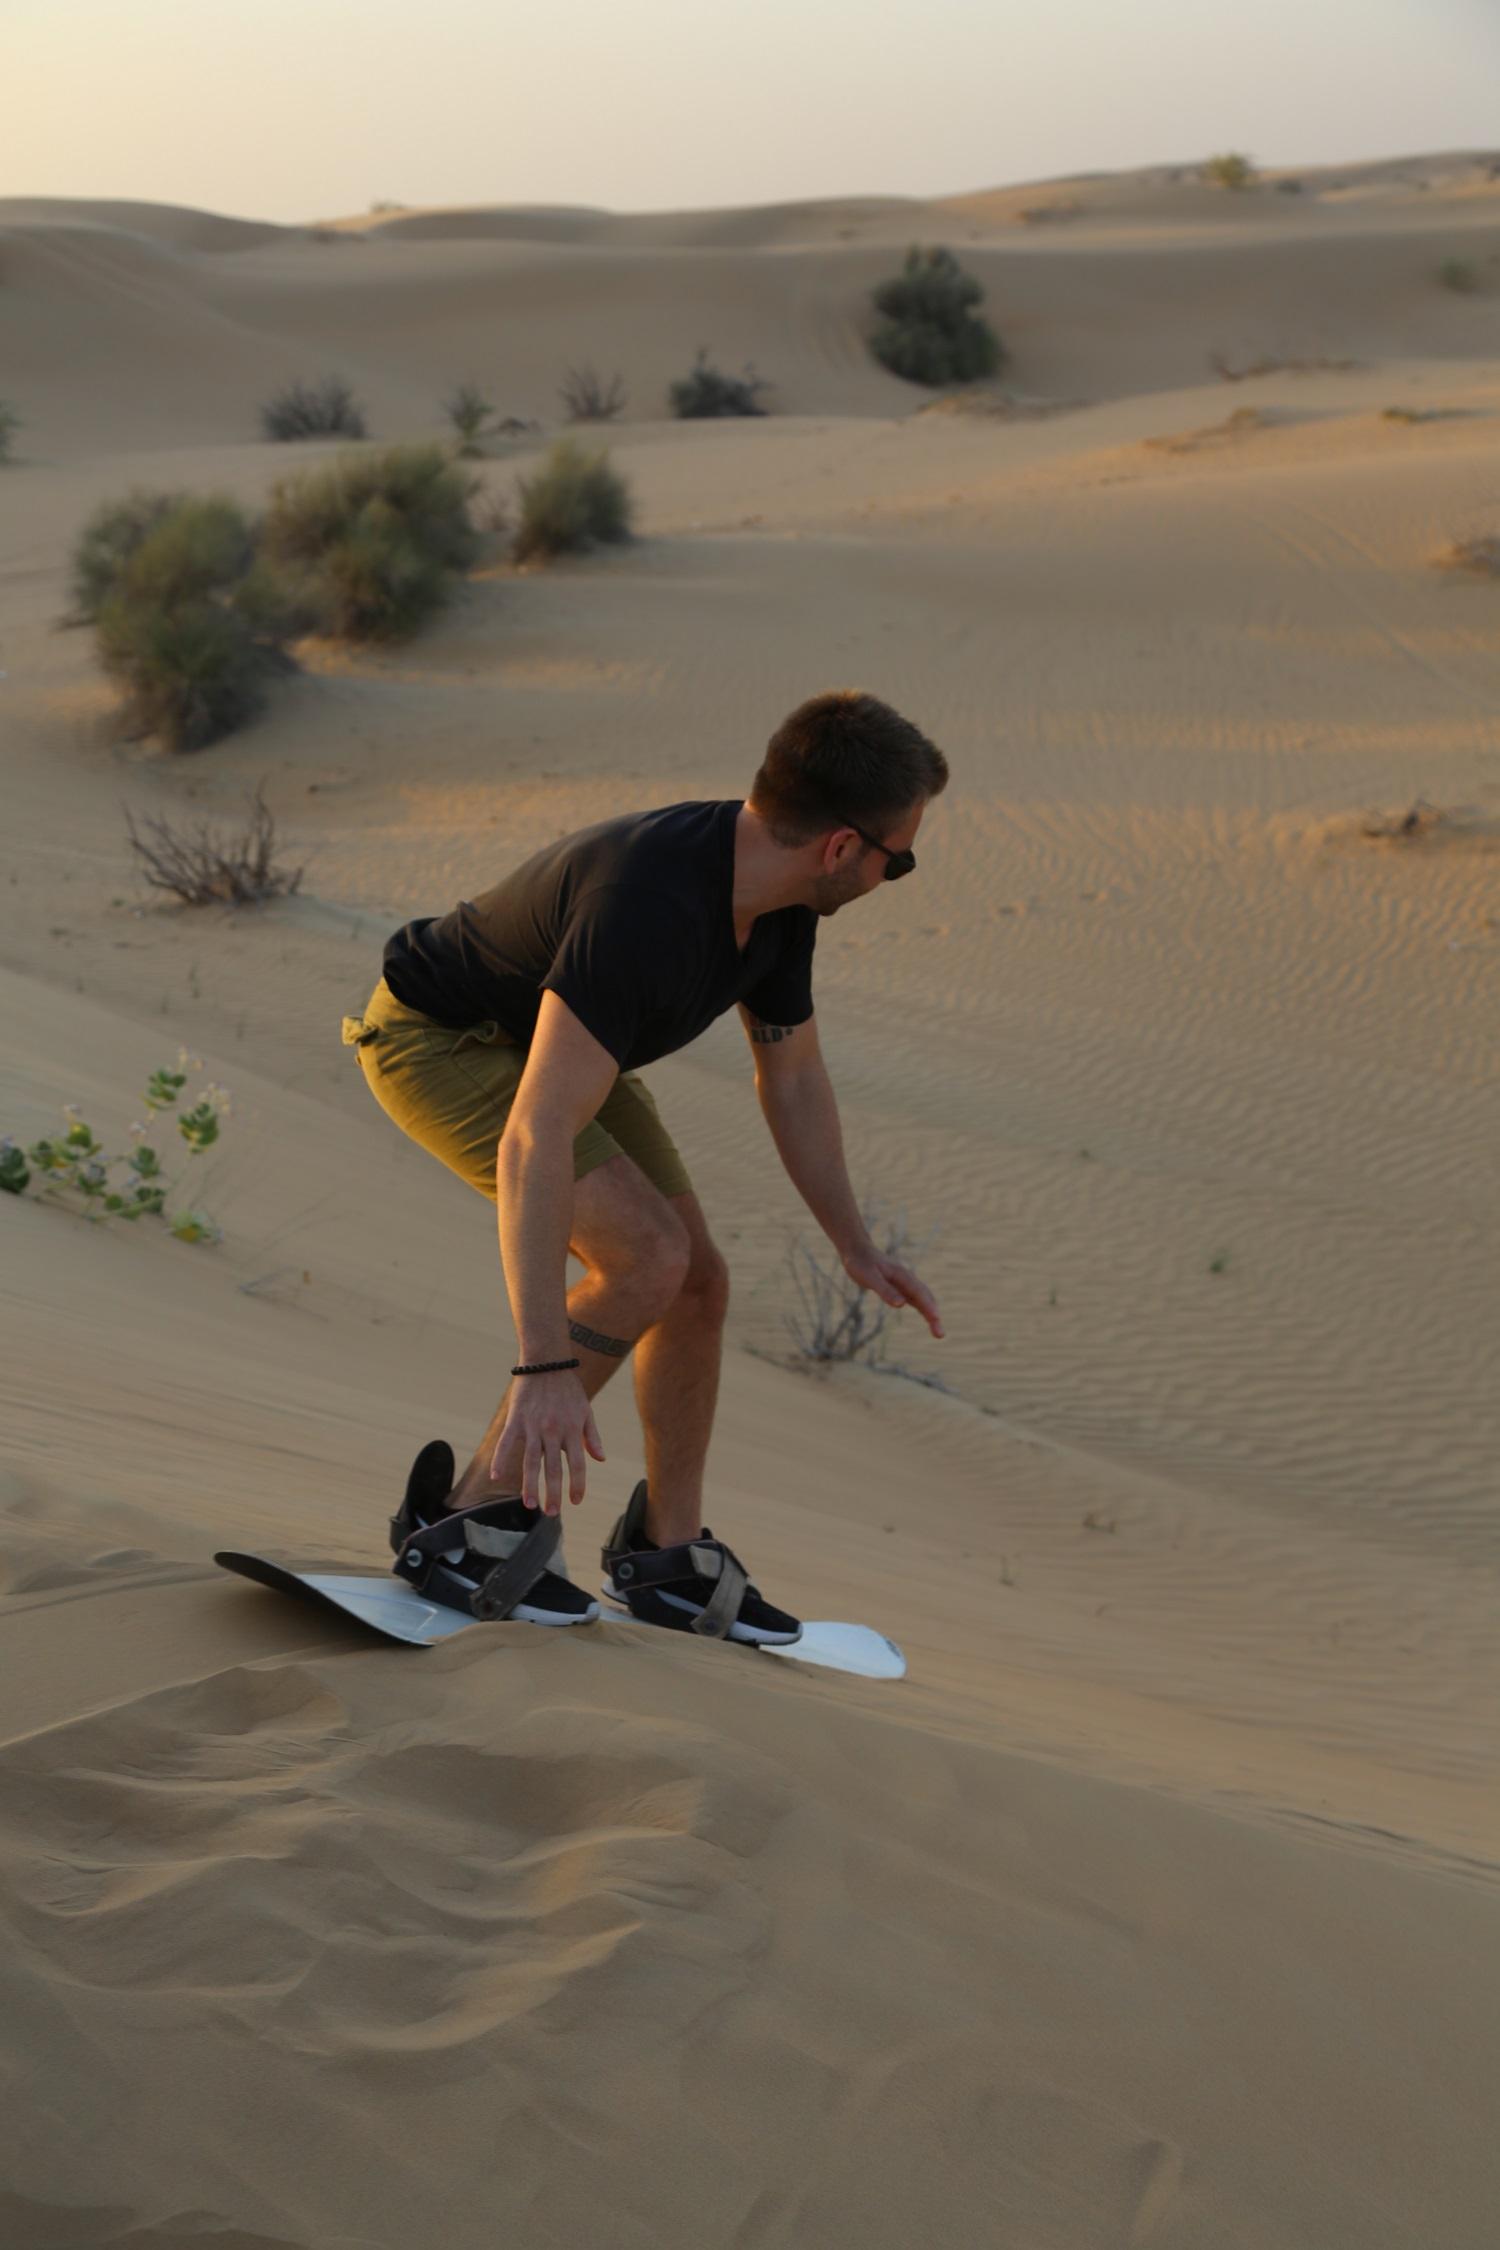 sandboarding on desert safari dubai